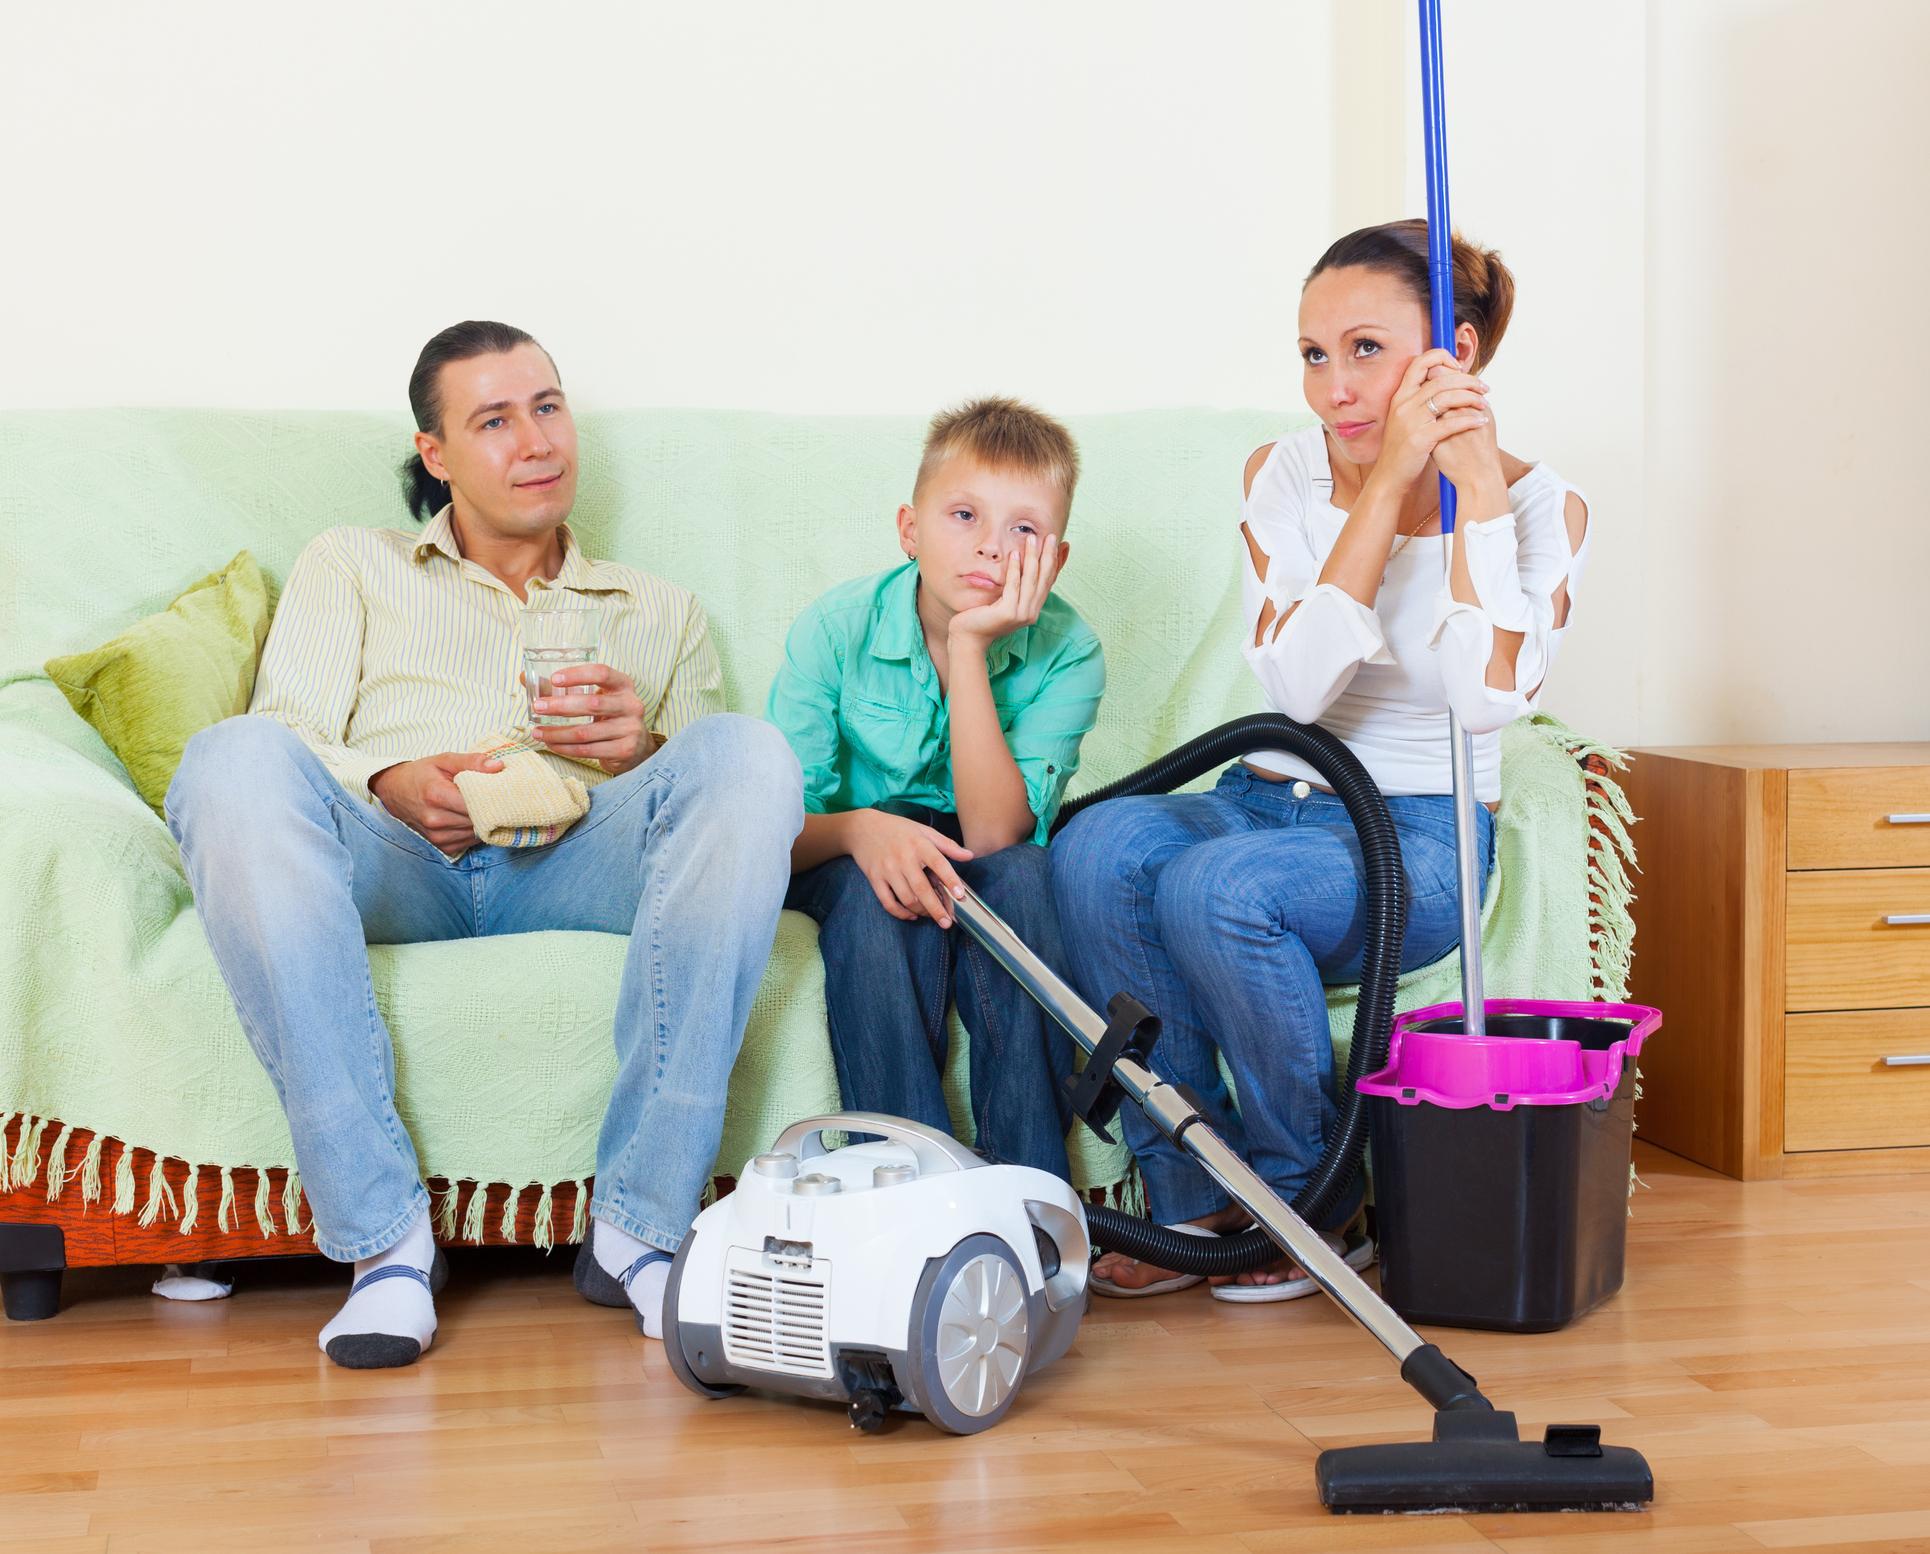 <p>Винаги давайте личен пример. Ако вие самите сте подредени, то възможността децата ви да бъдат също такива е... доста голяма. Ако във вашата спалня цари хаос, то най-вероятно и в детската стая няма да е&nbsp;пълен порядък.&nbsp;</p>